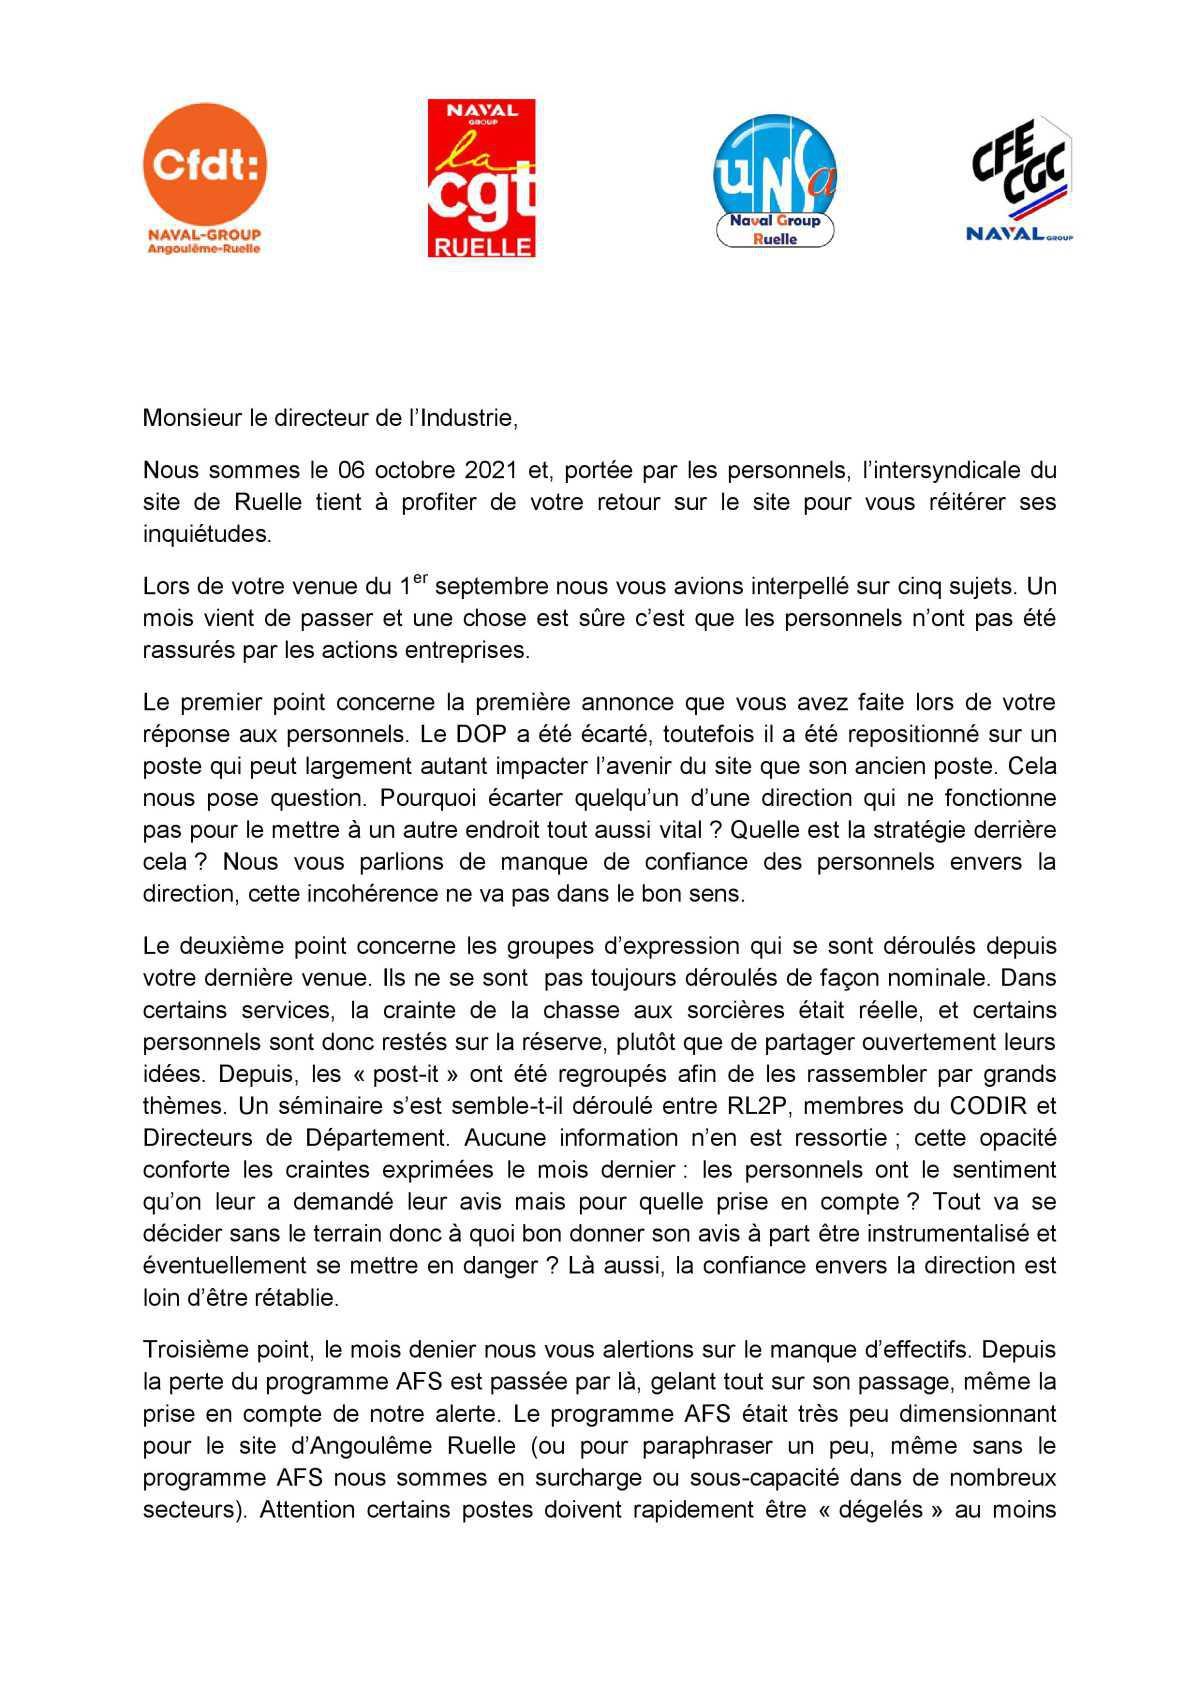 Visite de Laurent Espinasse - 6 octobre 2021 - Déclaration liminaire des OS